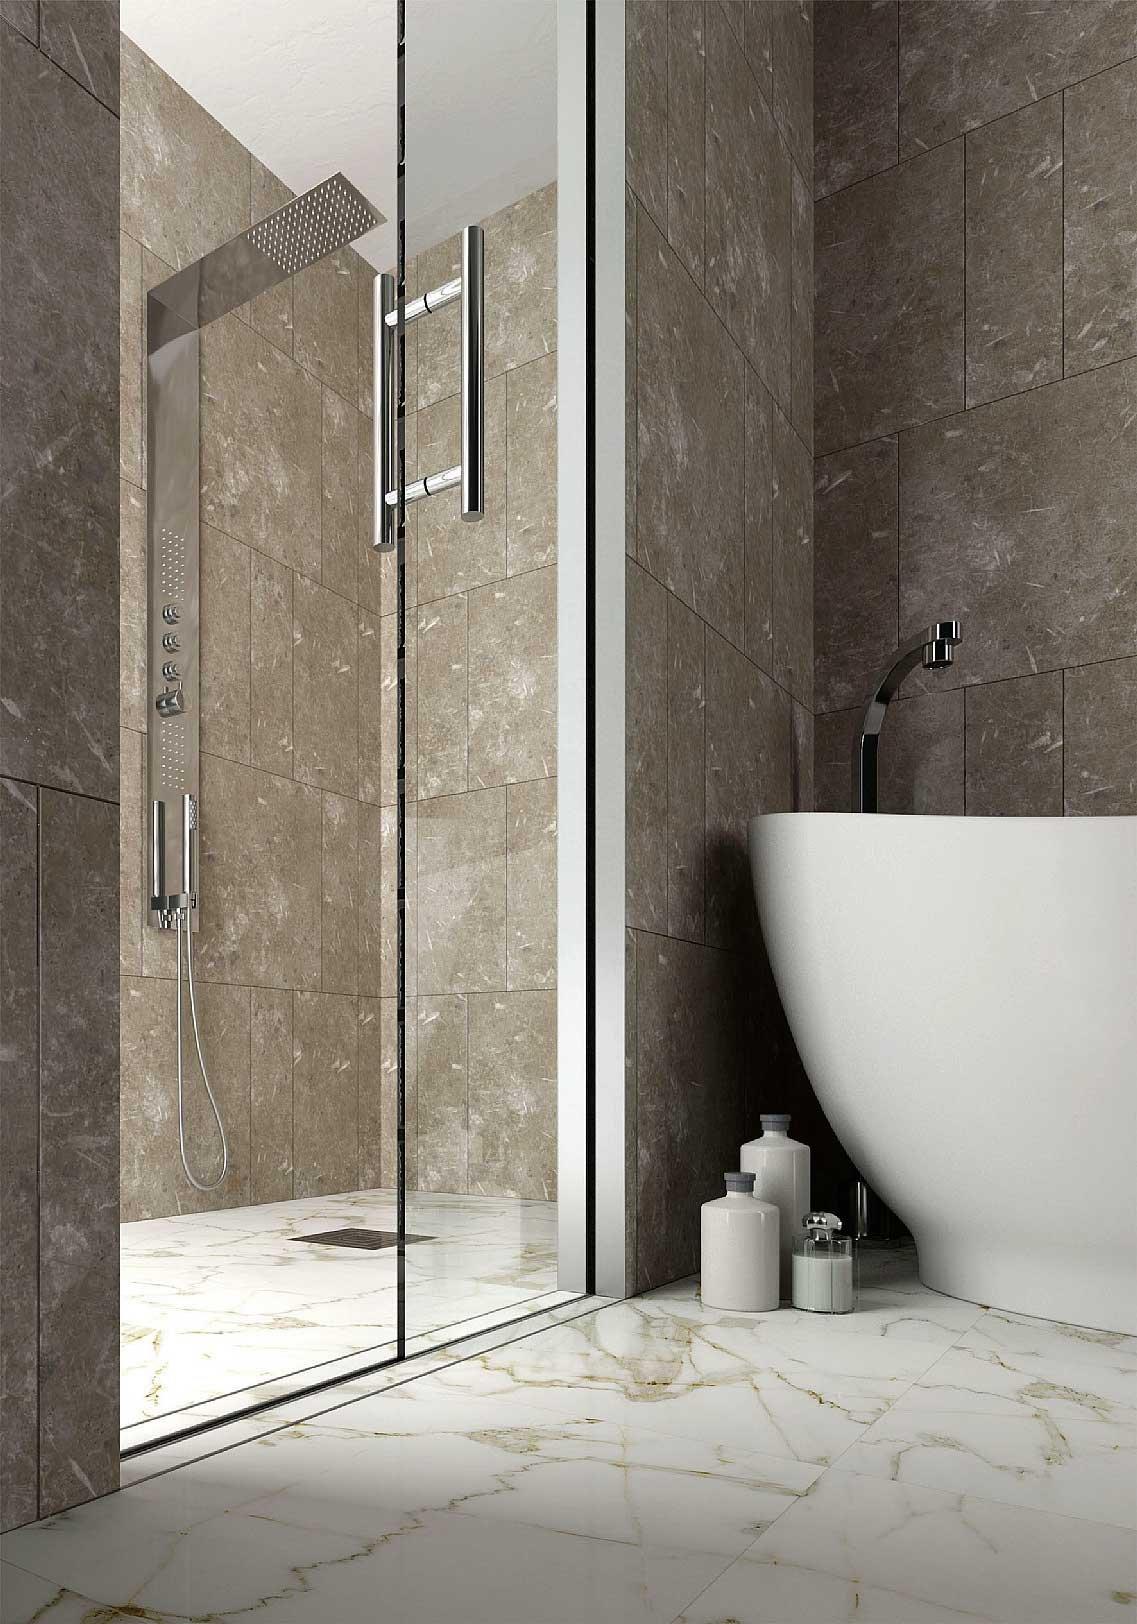 Box doccia senza piatto doccia senza piatto hotel kursaal bagno con doccia senza piatto doccia - Box doccia senza piatto ...